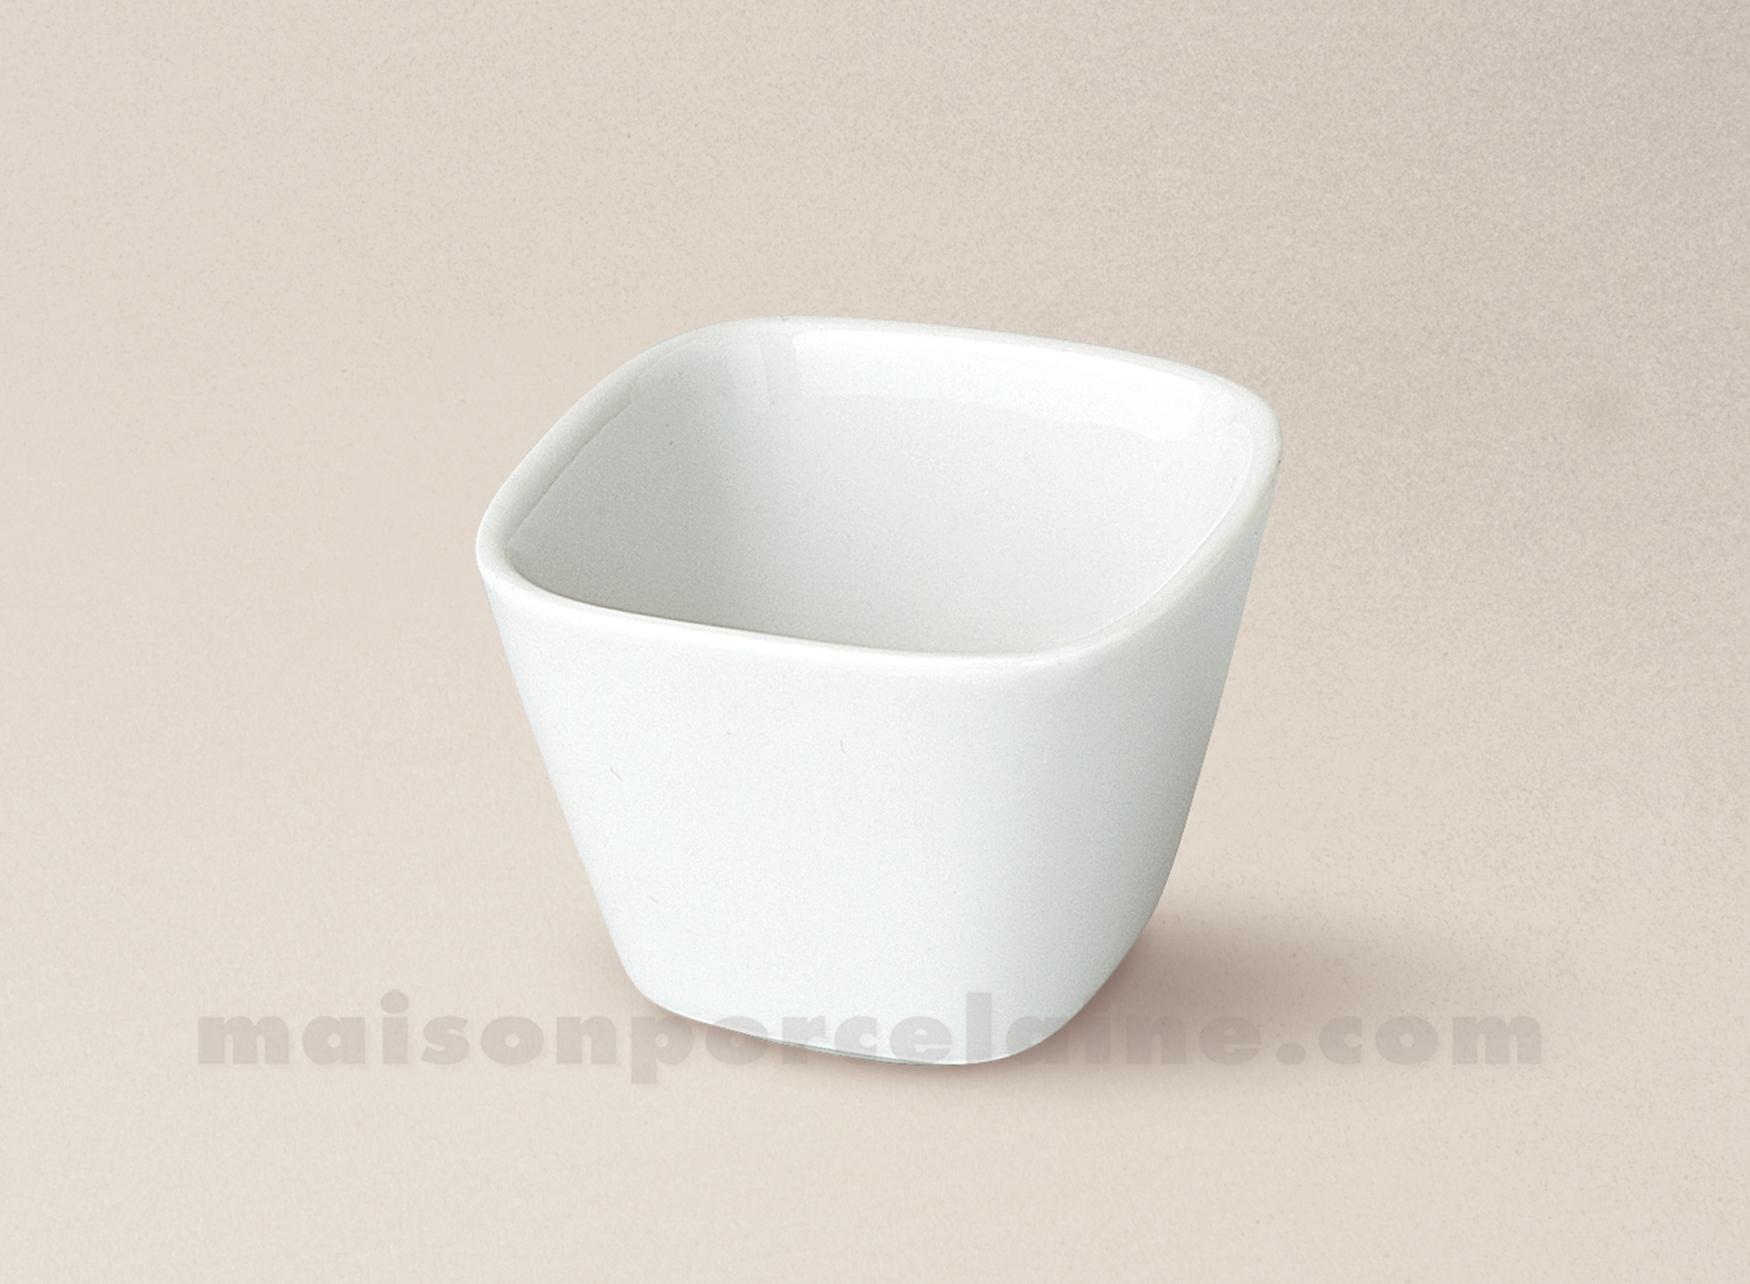 Mise en bouche porcelaine blanche bol carre 5 5x5 5 for Interieur de la bouche blanche